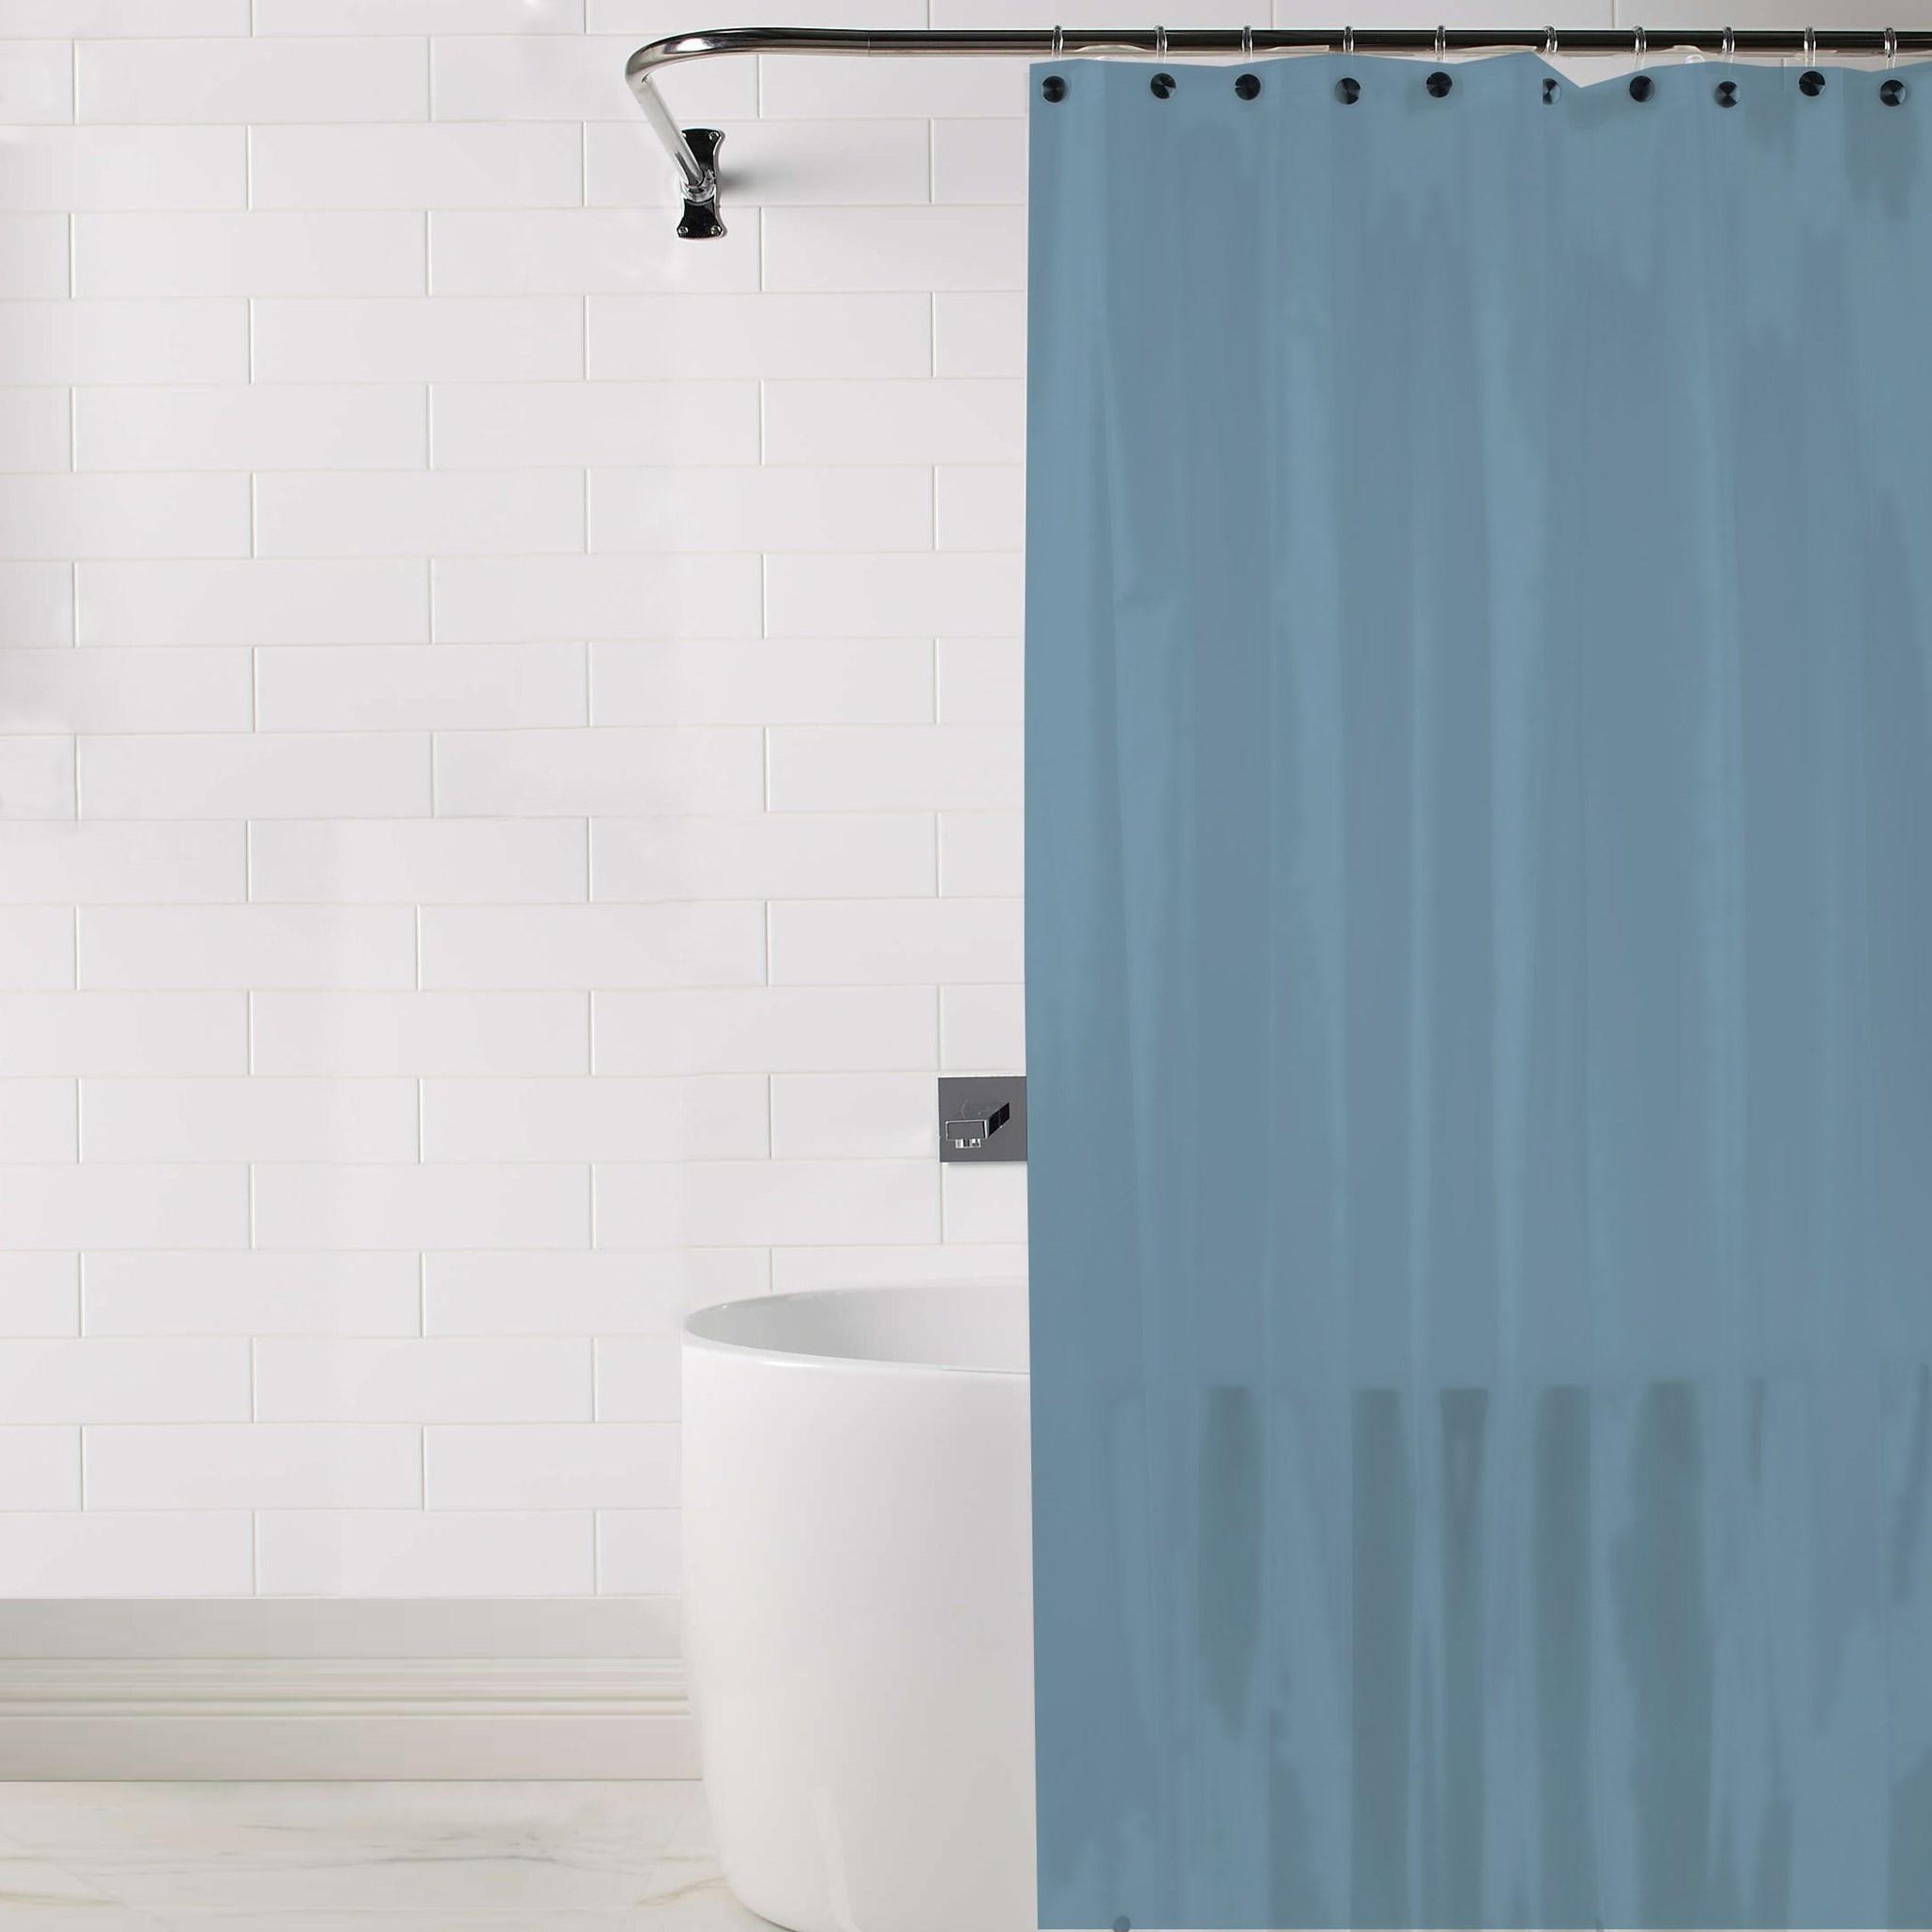 Shower Curtains Rideaux De Douche